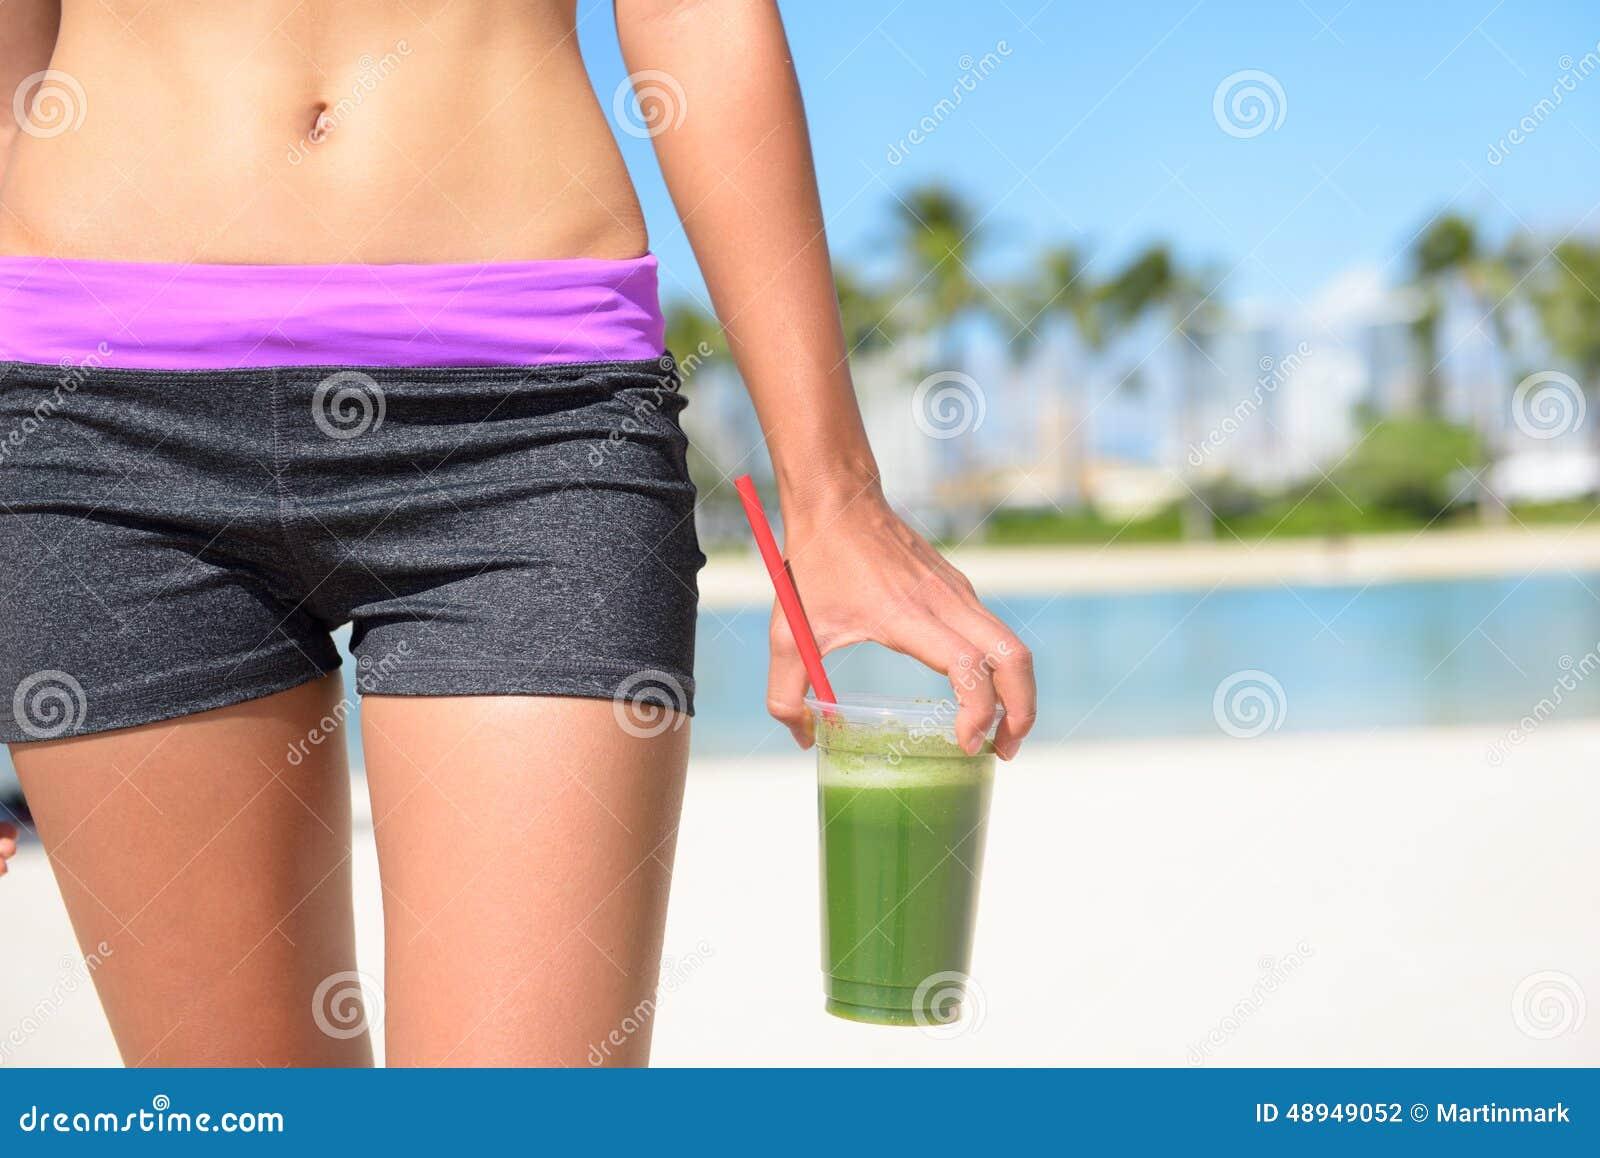 Groene plantaardige smoothie - Gezonde levensstijl